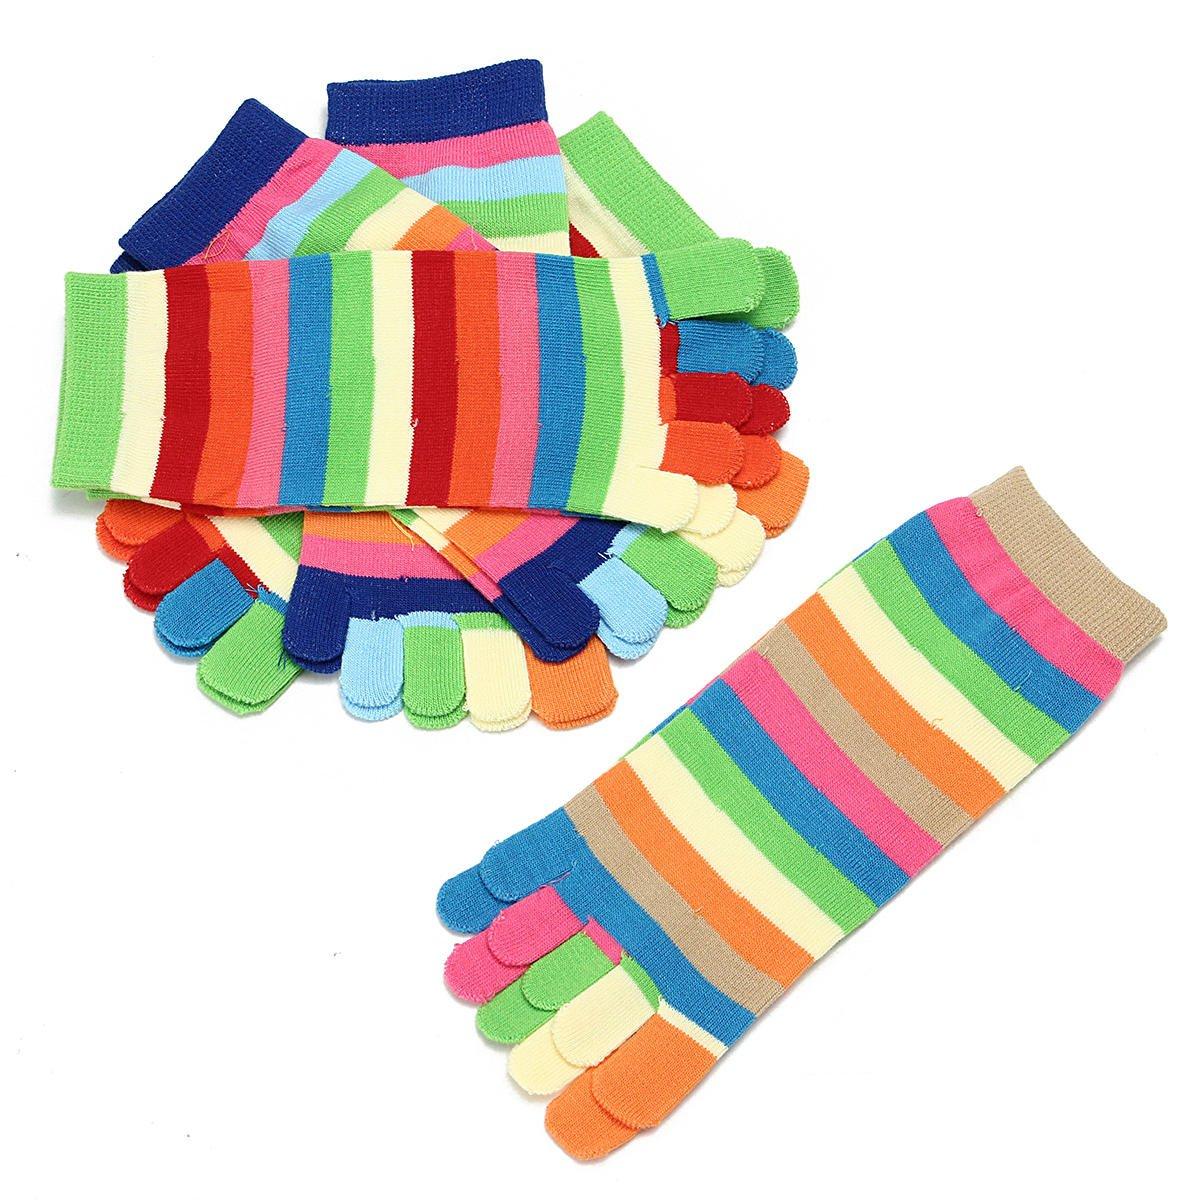 5 Finger Toe Socks - 5 Finger Toe Socks Women - 5 Pairs Lot Colorful Women Girl Color Stripes Five Finger Toe Socks Hosiery (5 Finger Socks Women)